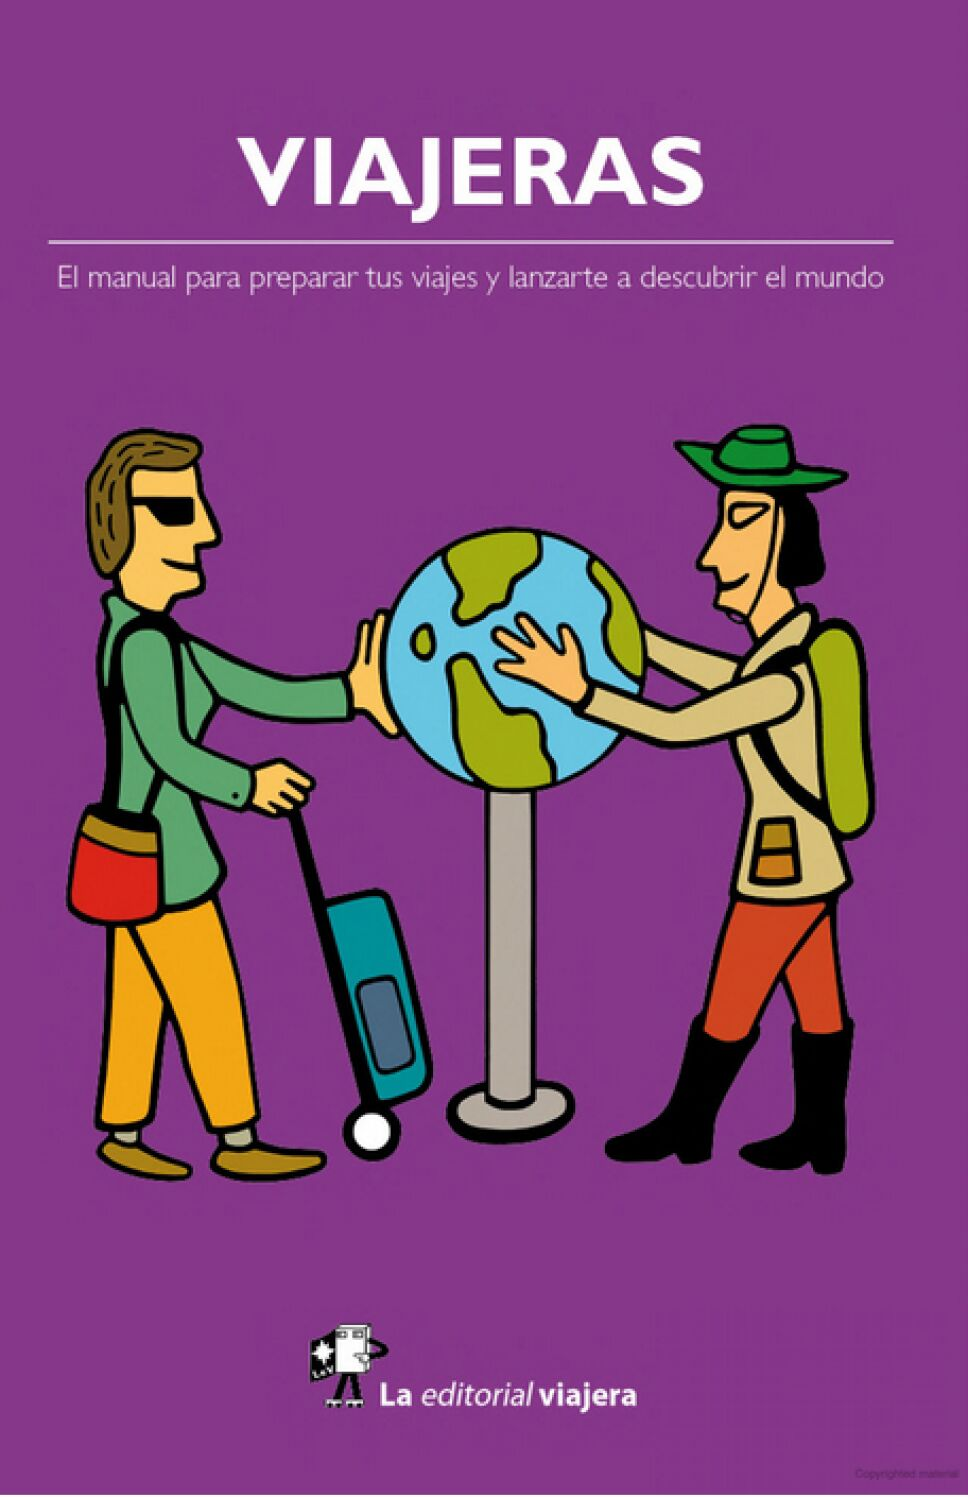 Viajeras El manual para preparar tus viajes y lanzarte a descubrir el mundo